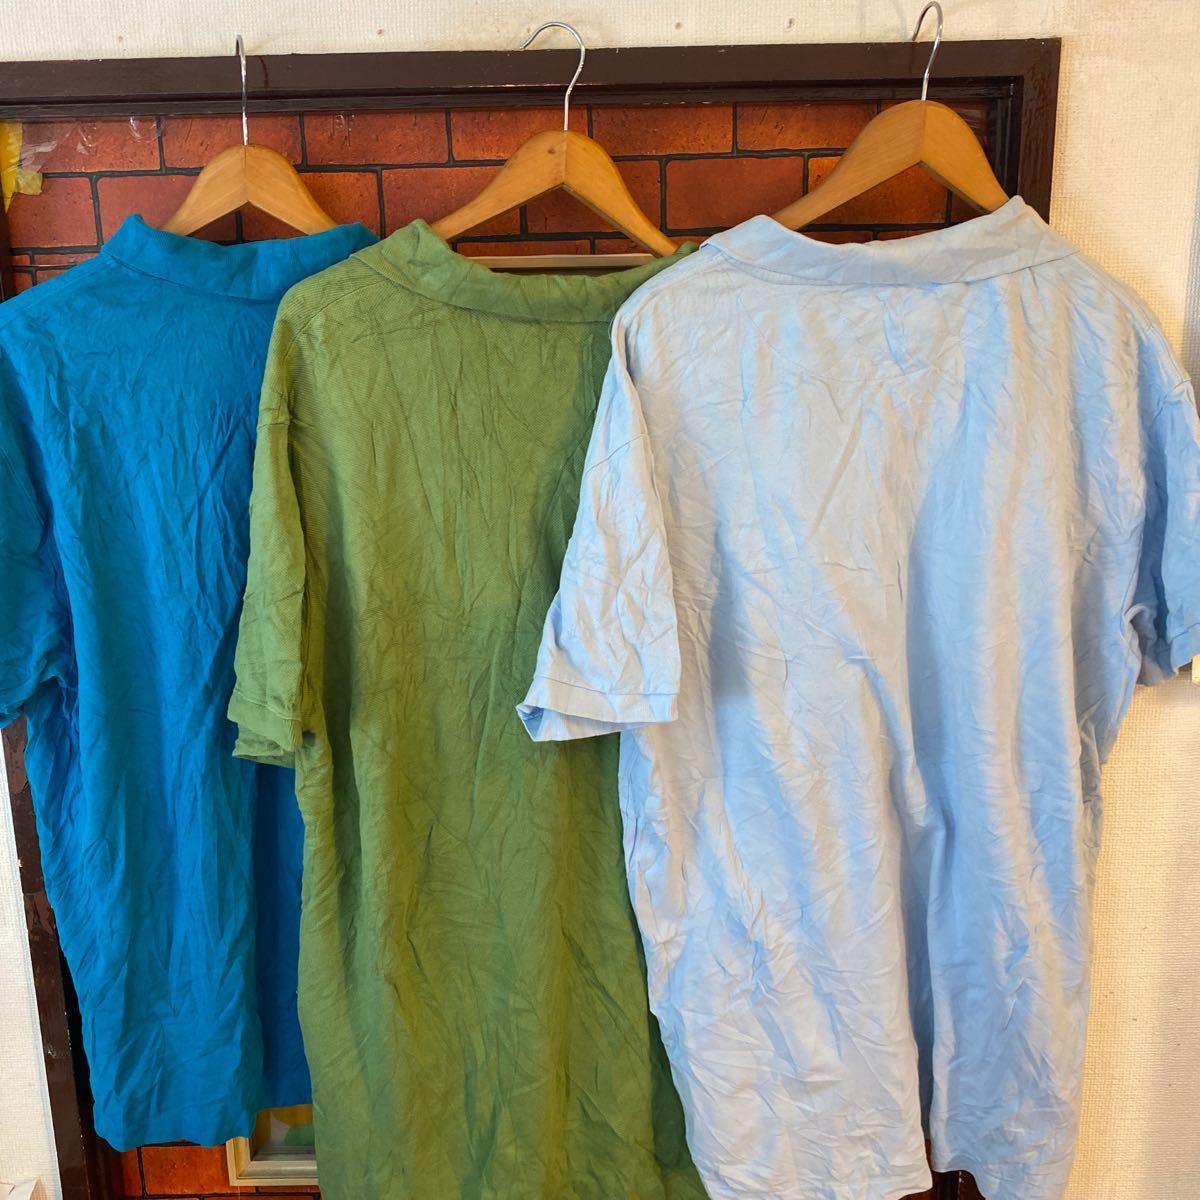 1円スタート ポロシャツ クールビズ まとめ売り 大量セット 6枚セット ワーク スタッフ アメリカ古着 XL _画像10